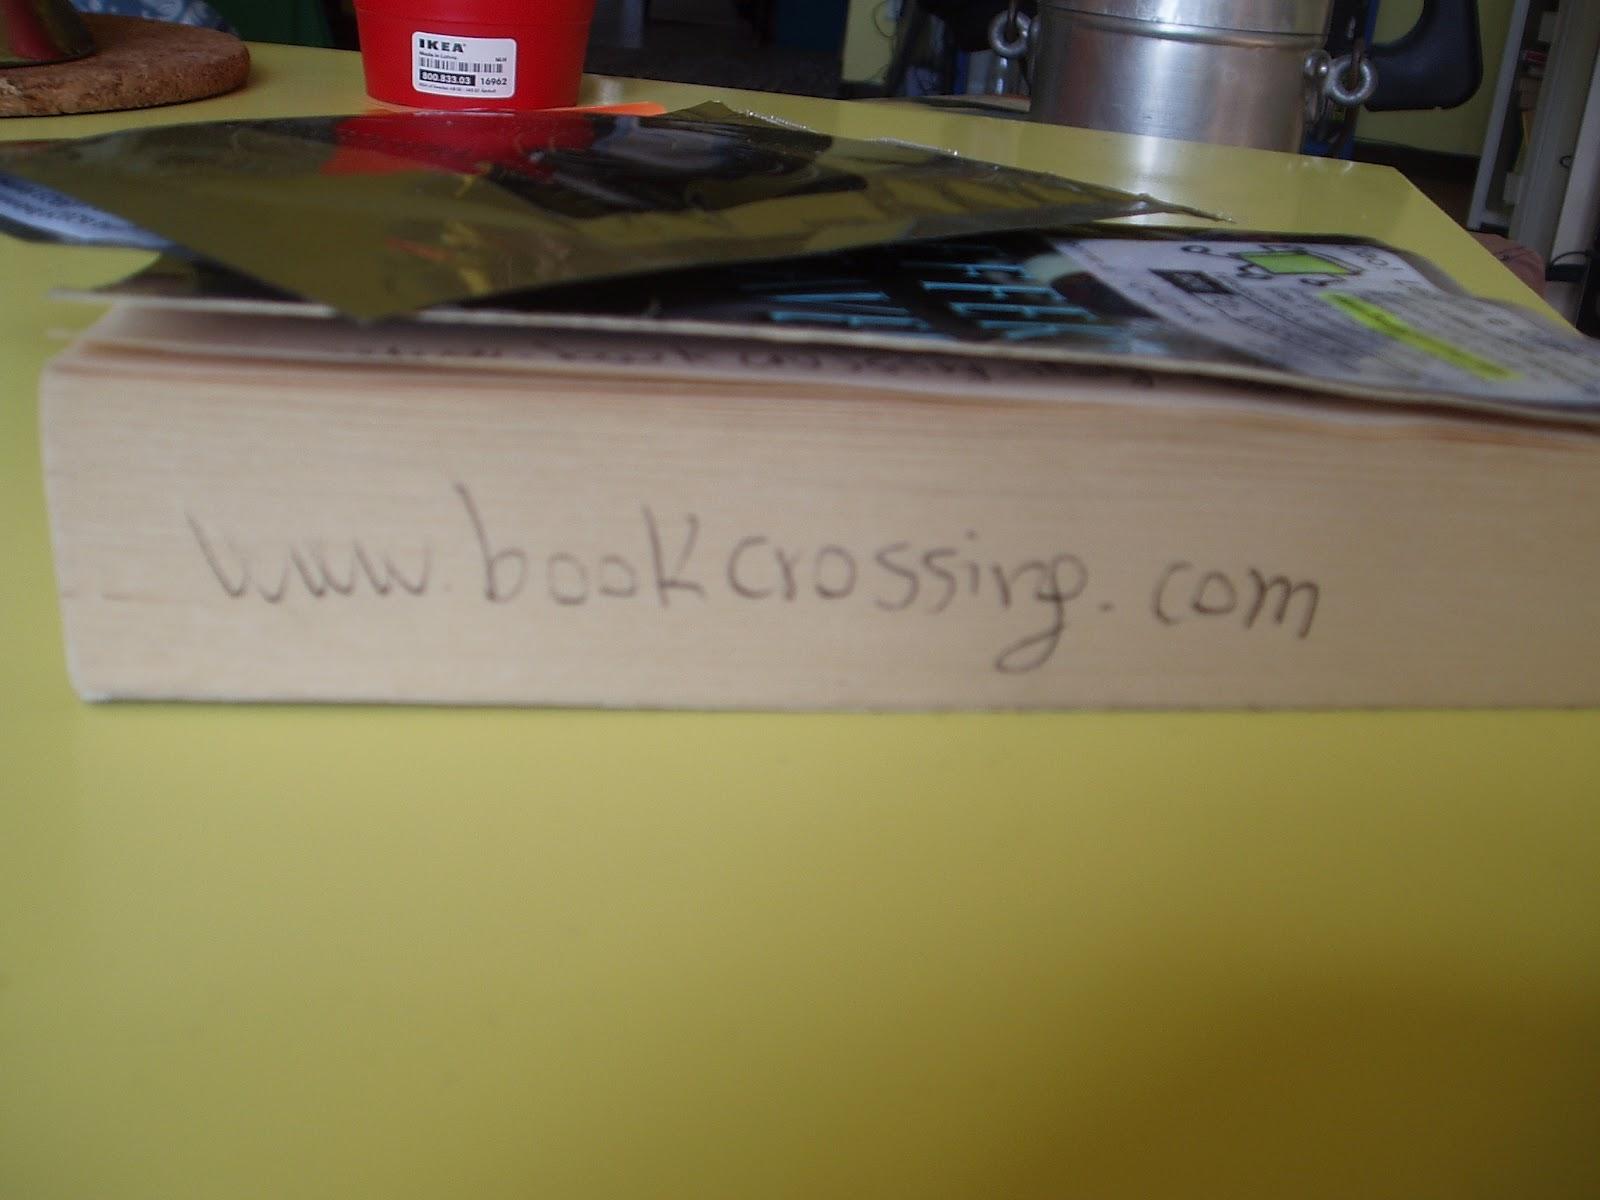 Ufficio Oggetti Smarriti Ikea : Tazzina di caffè: bookcrossing buon caffè e cose ingegnose.